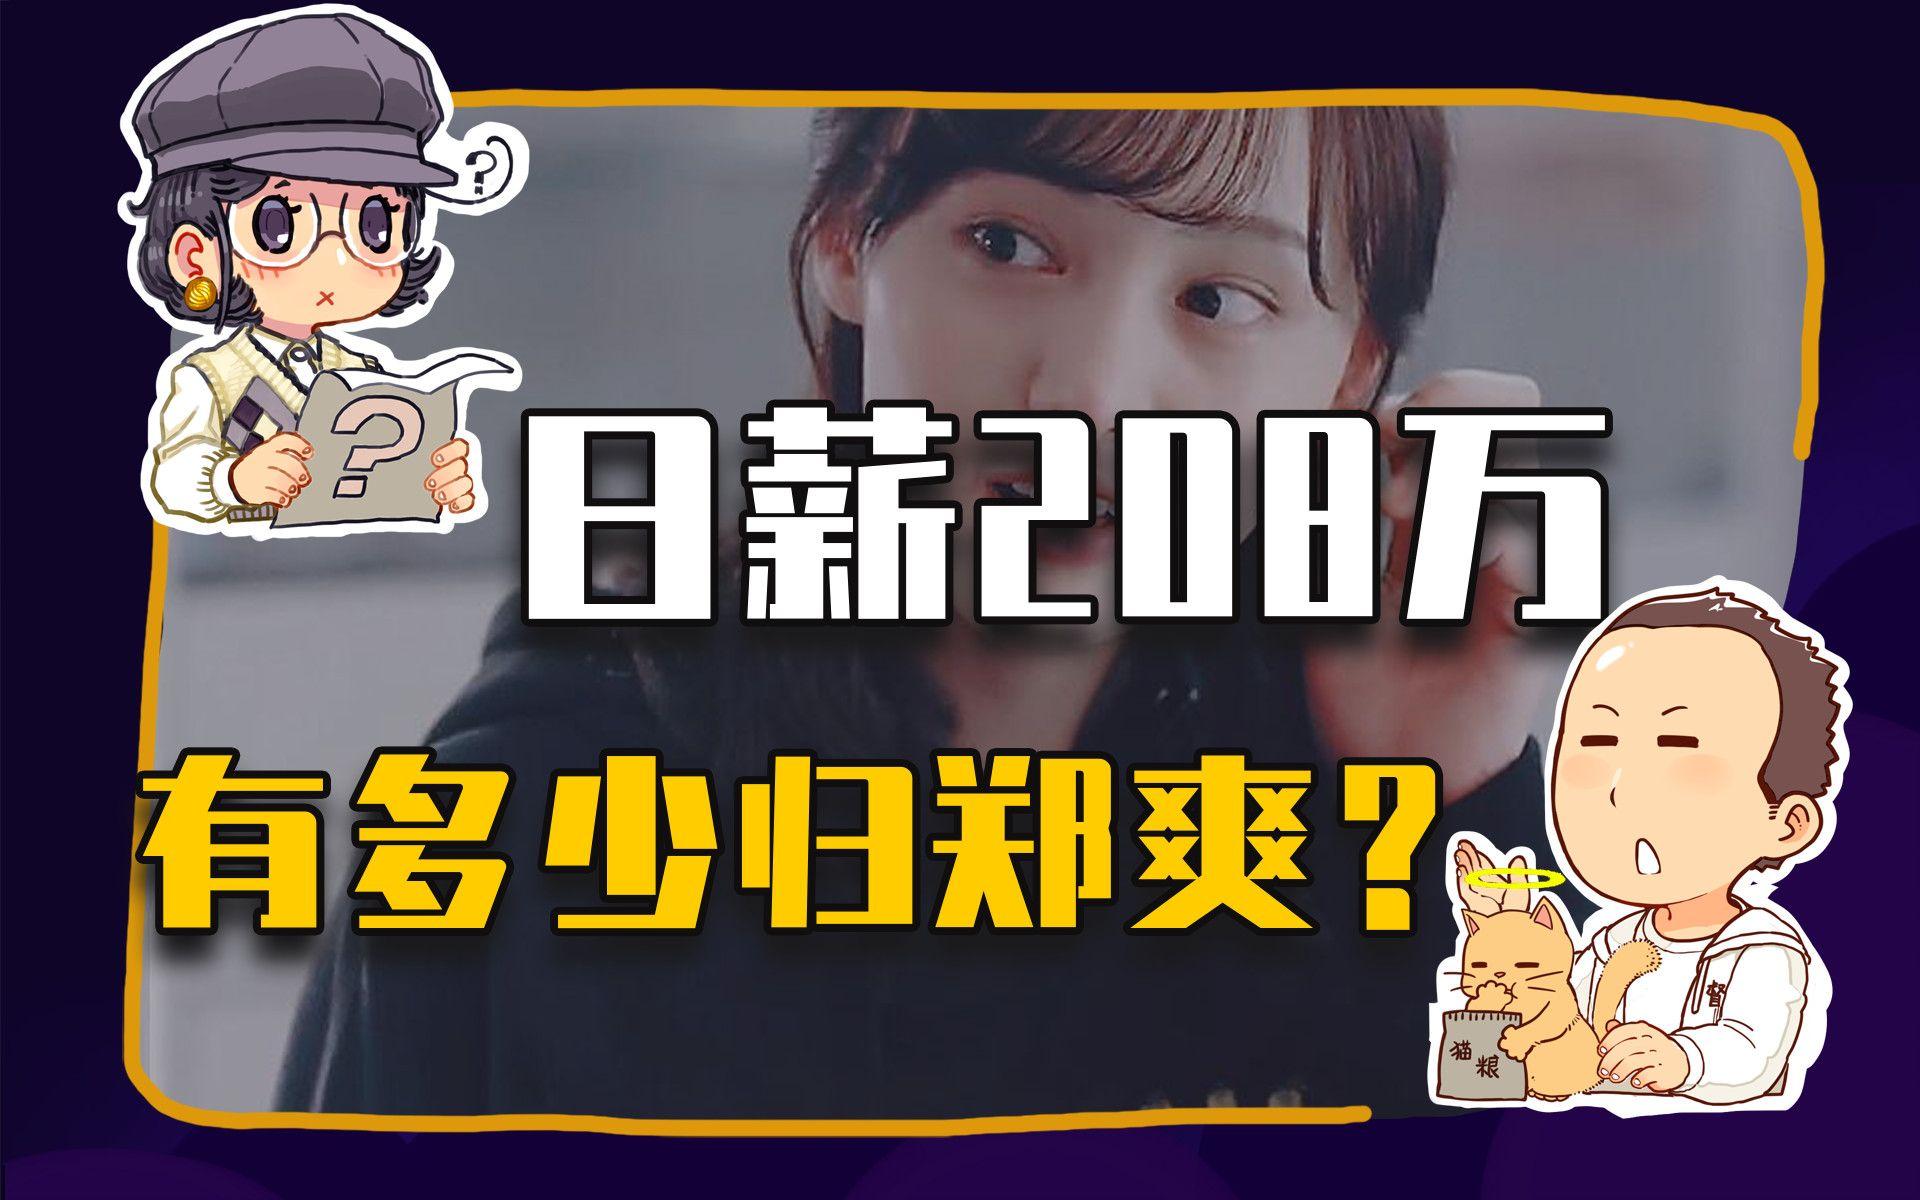 【睡前消息272】郑爽日薪208万, 付钱的人很清醒